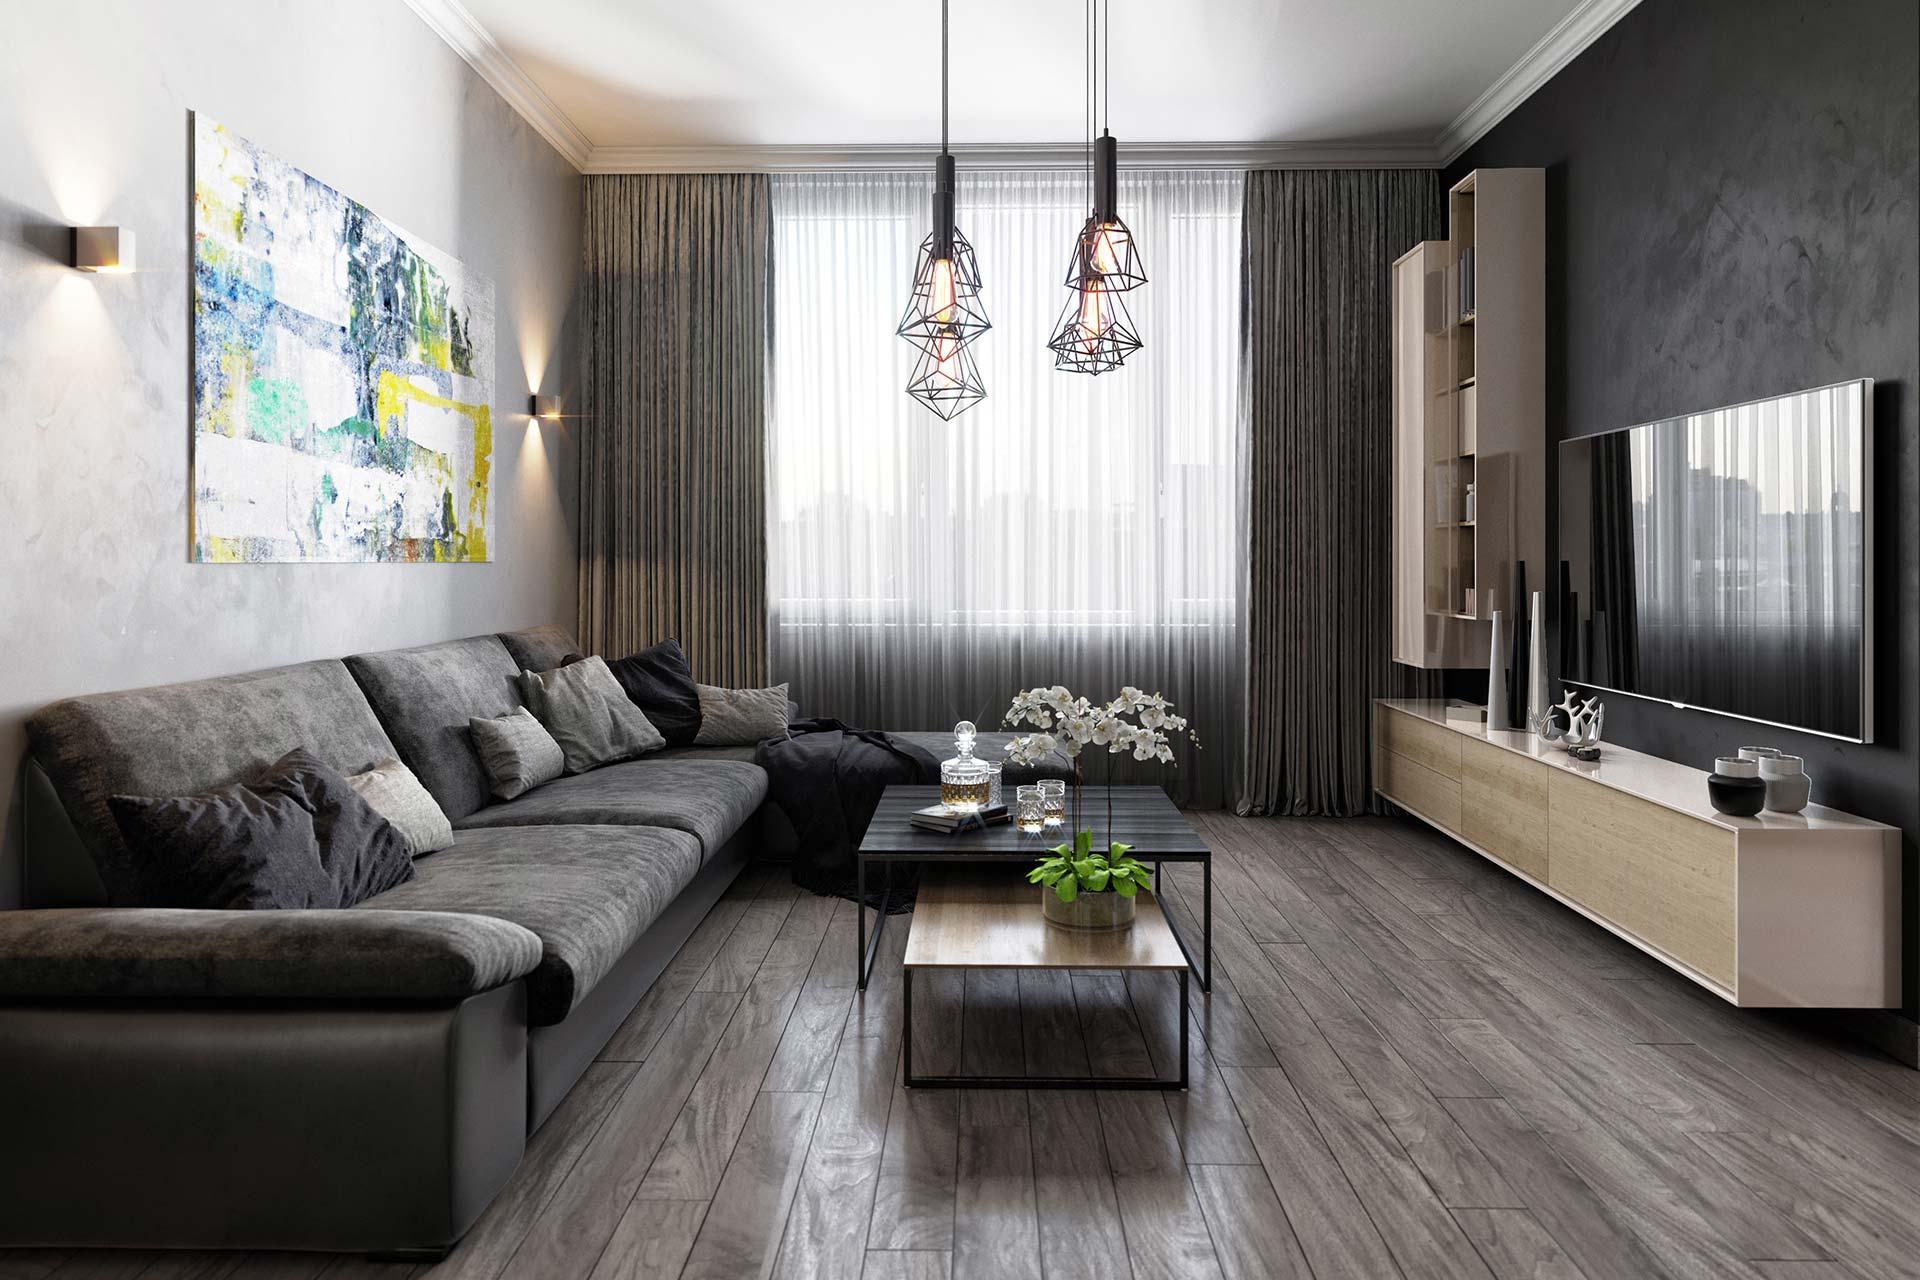 Визуализация интерьера квартиры в современном стиле